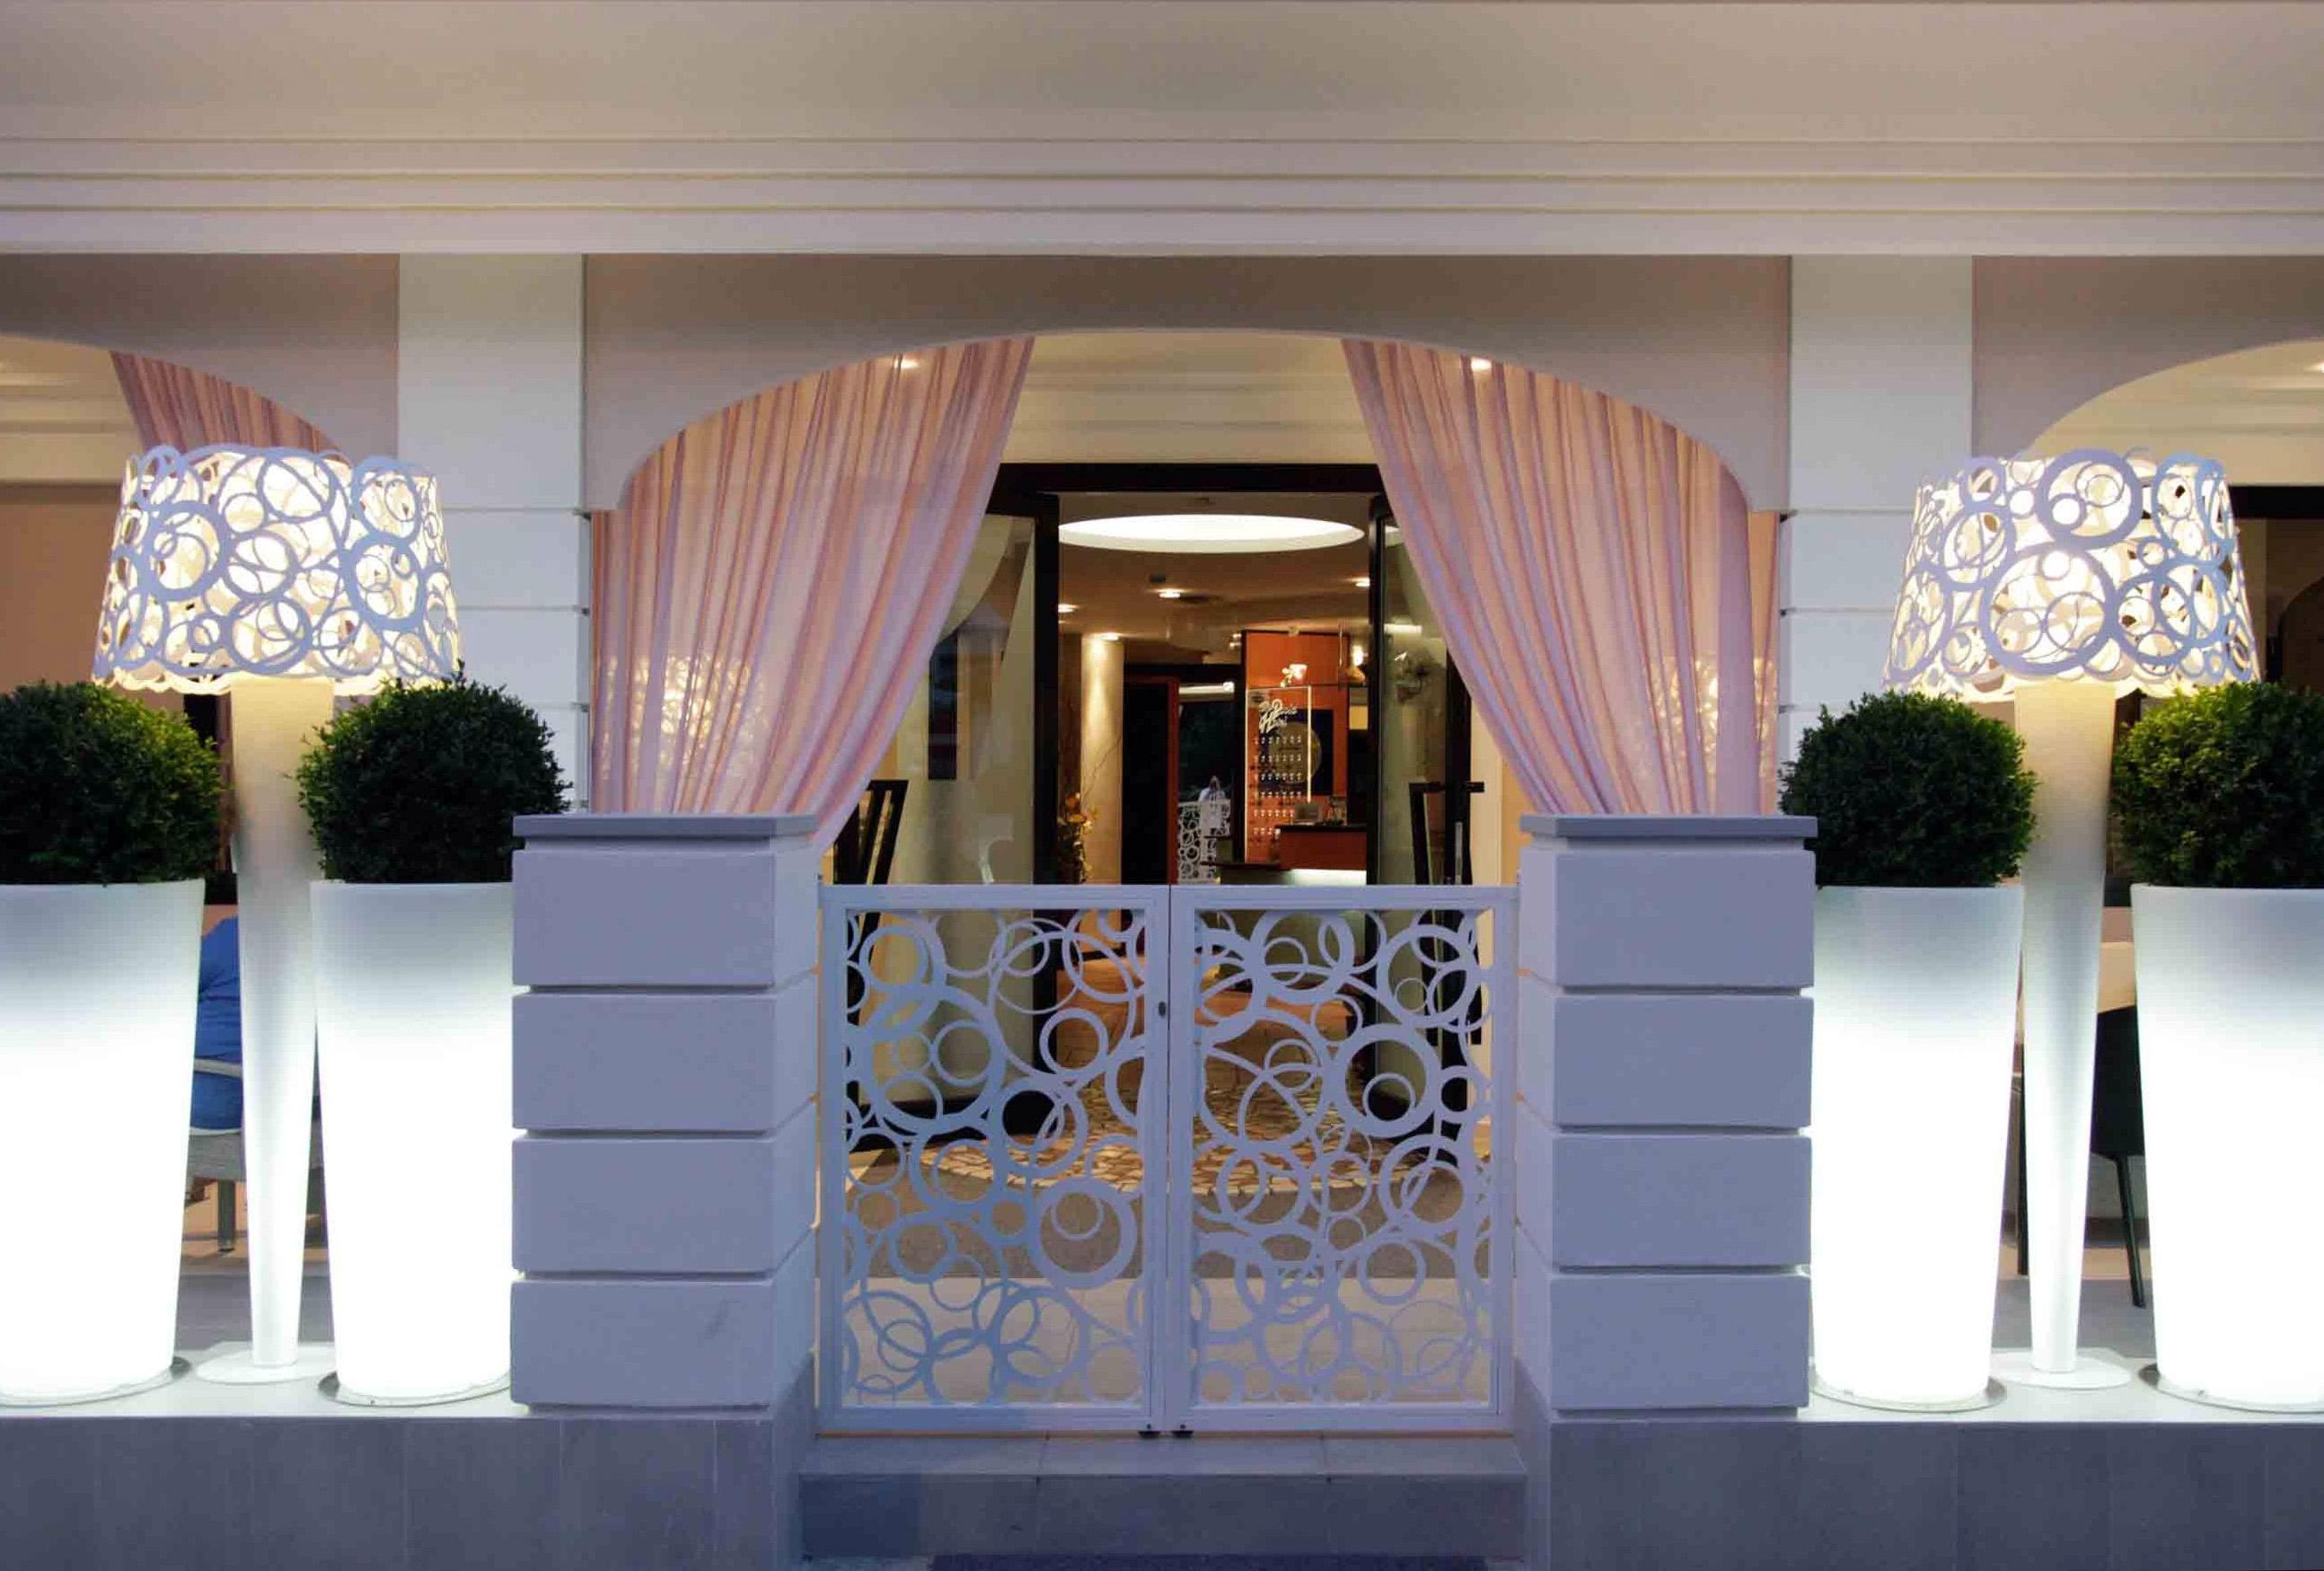 Hotel Villa Paola Bellaria 01 | Studio Materia